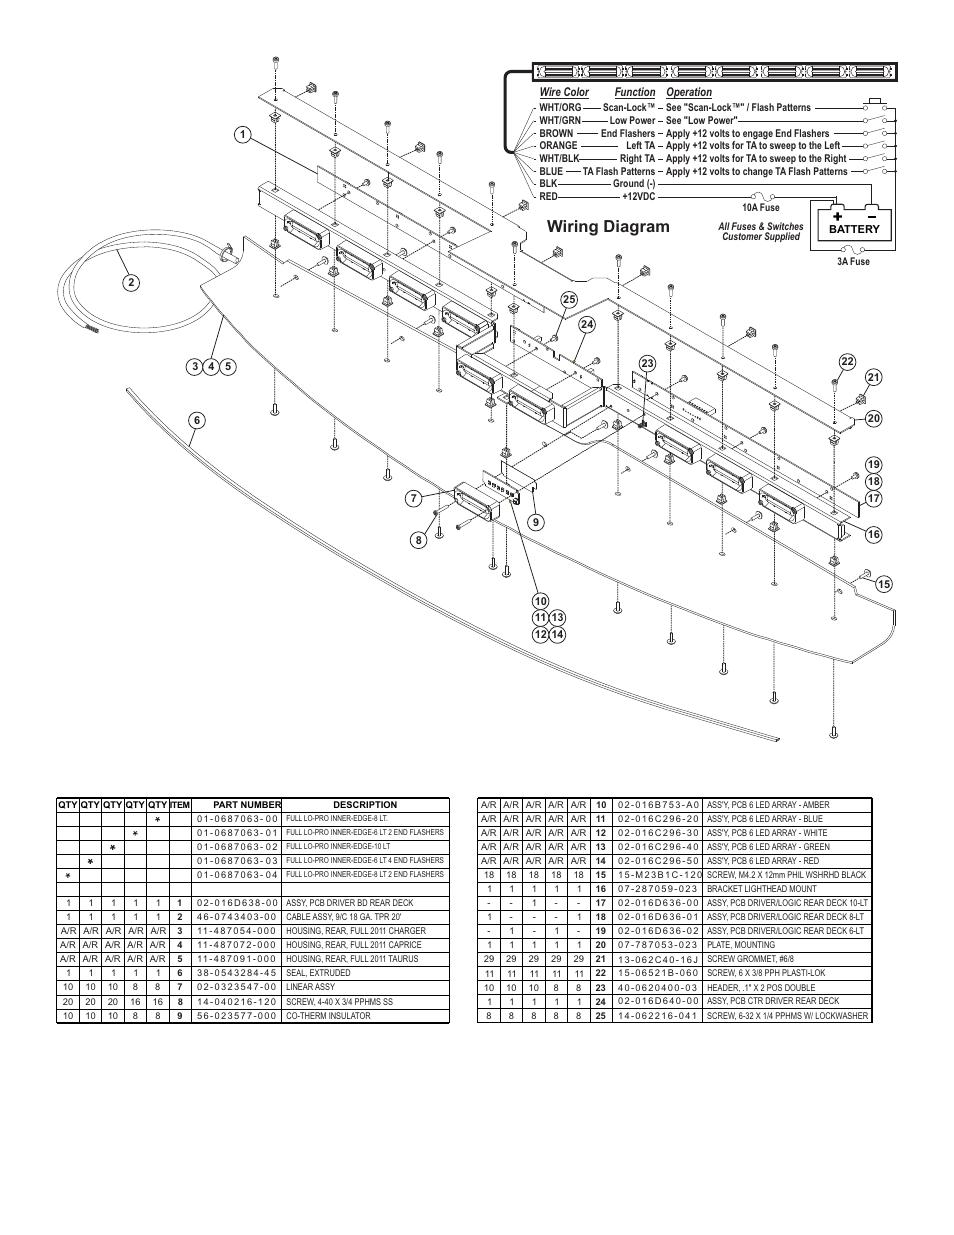 whelen inner edge wiring diagram